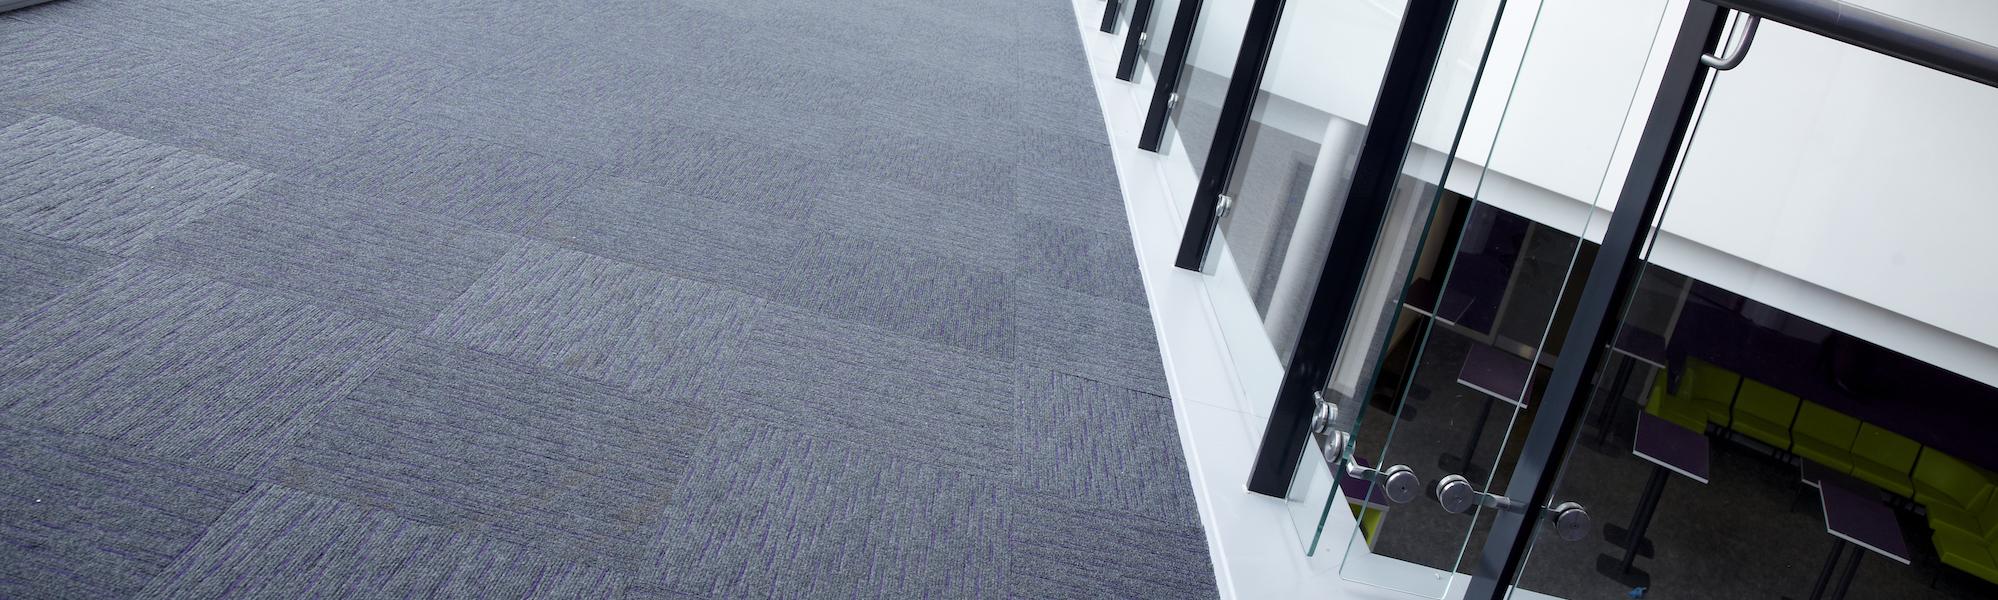 Heckmondwike FB | Commercial Carpet | Array for Education